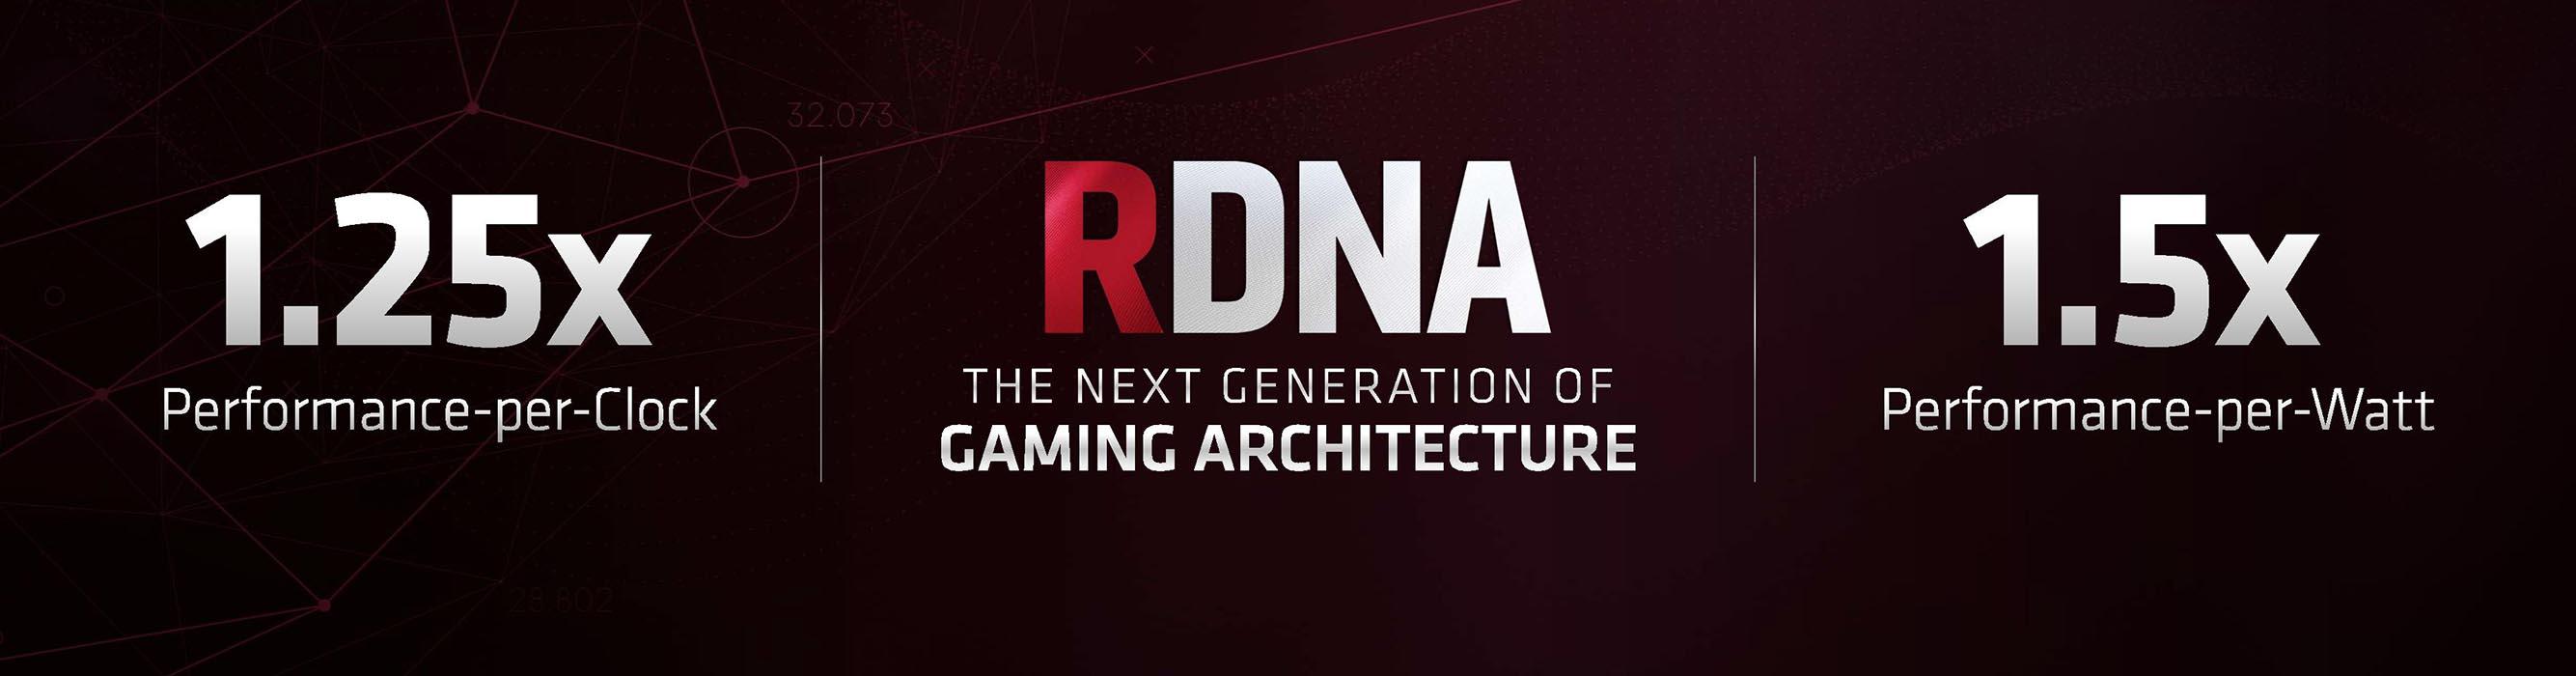 Arquitectura RDNA - AMD Navi